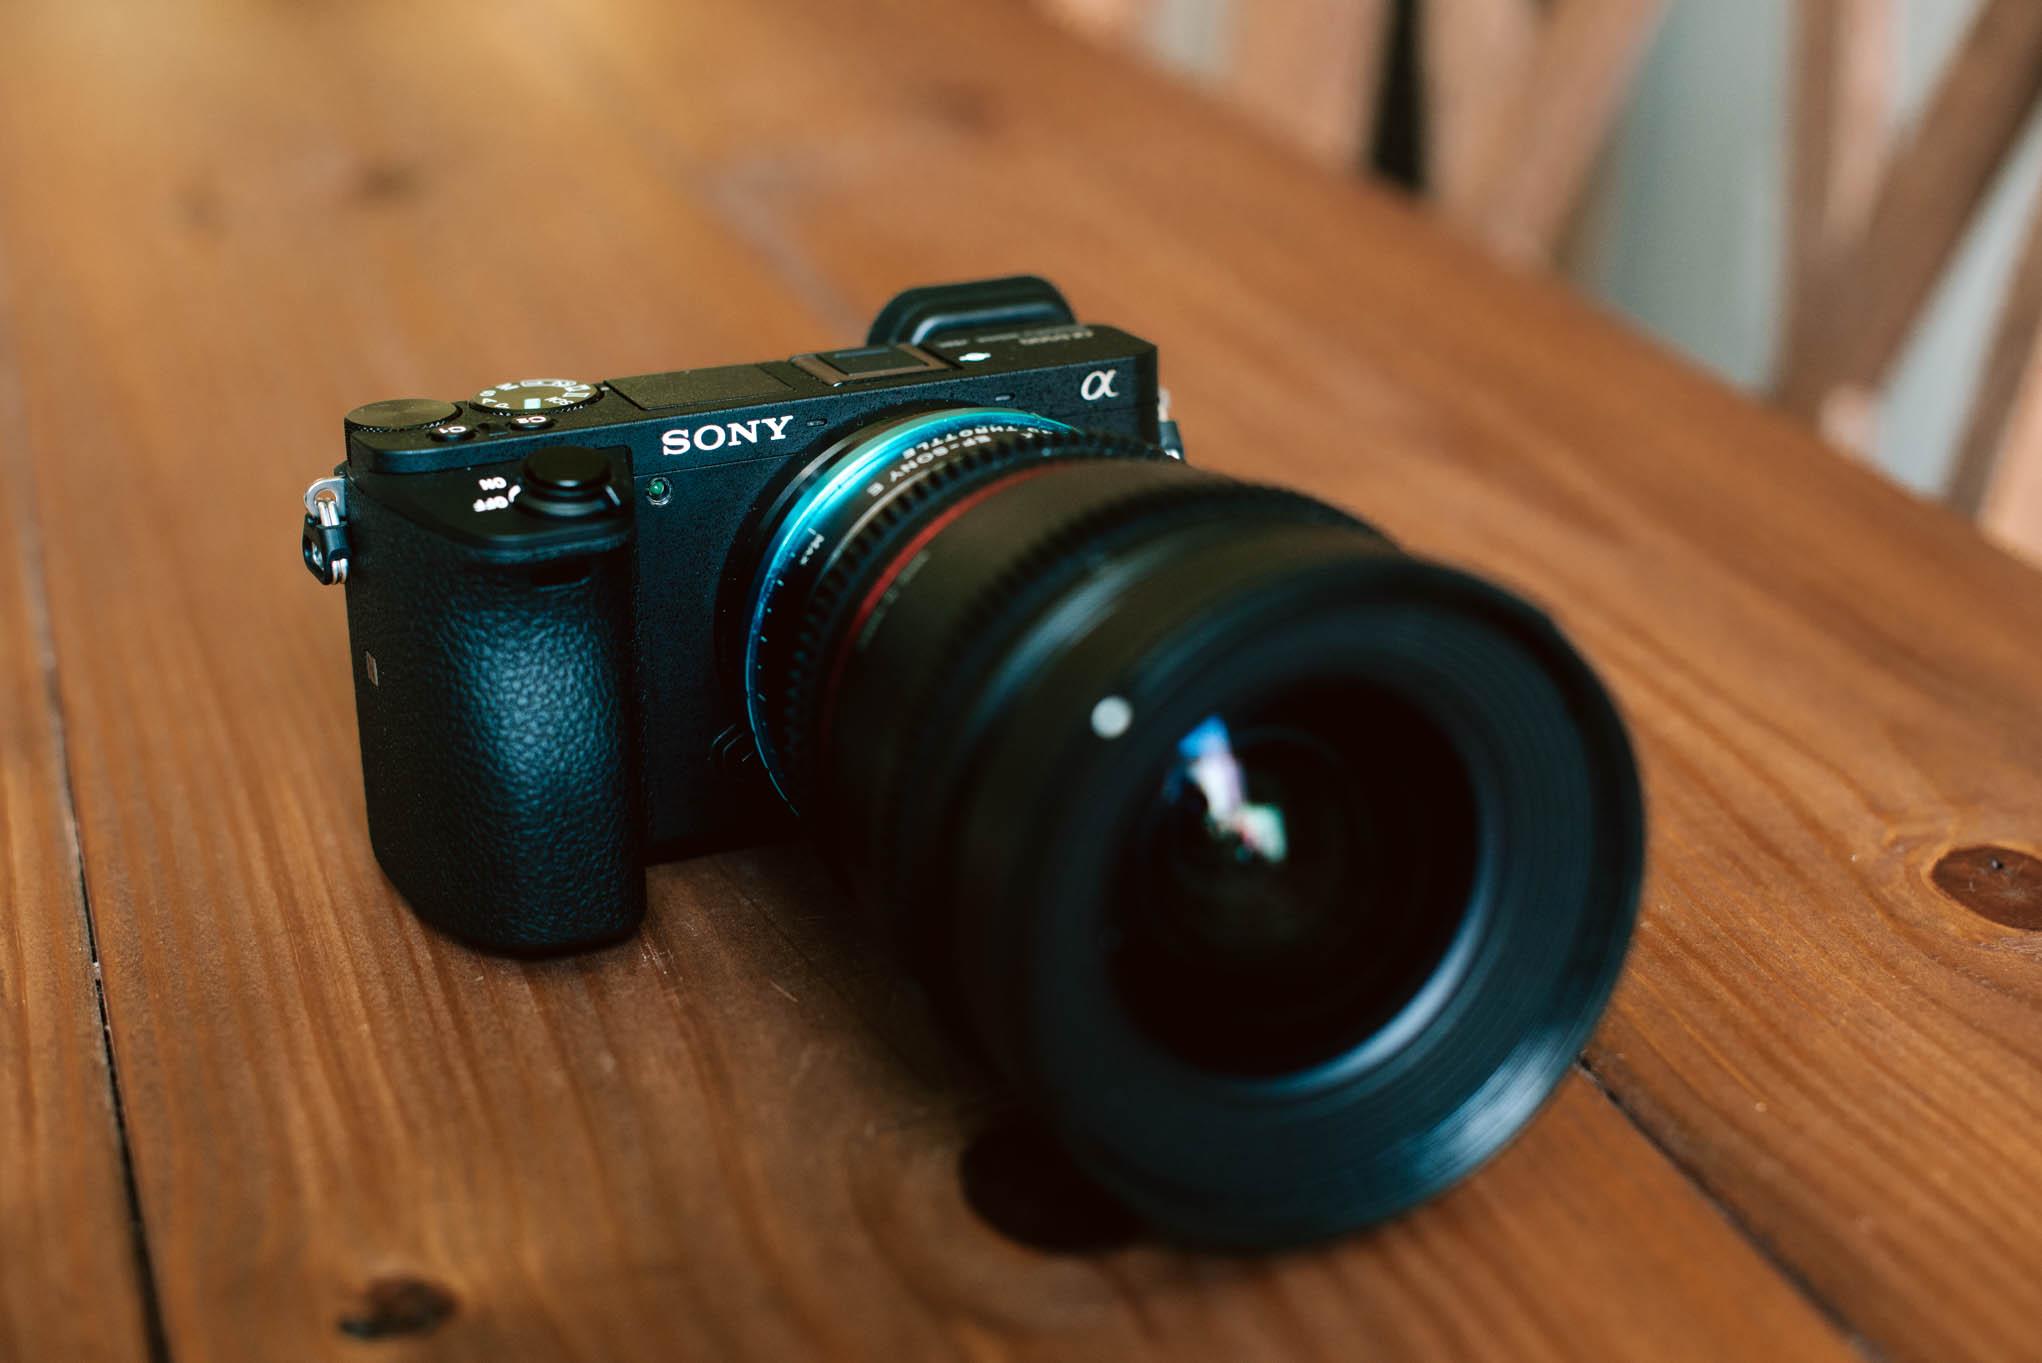 Sony a6500 - Product Photos-1.jpg